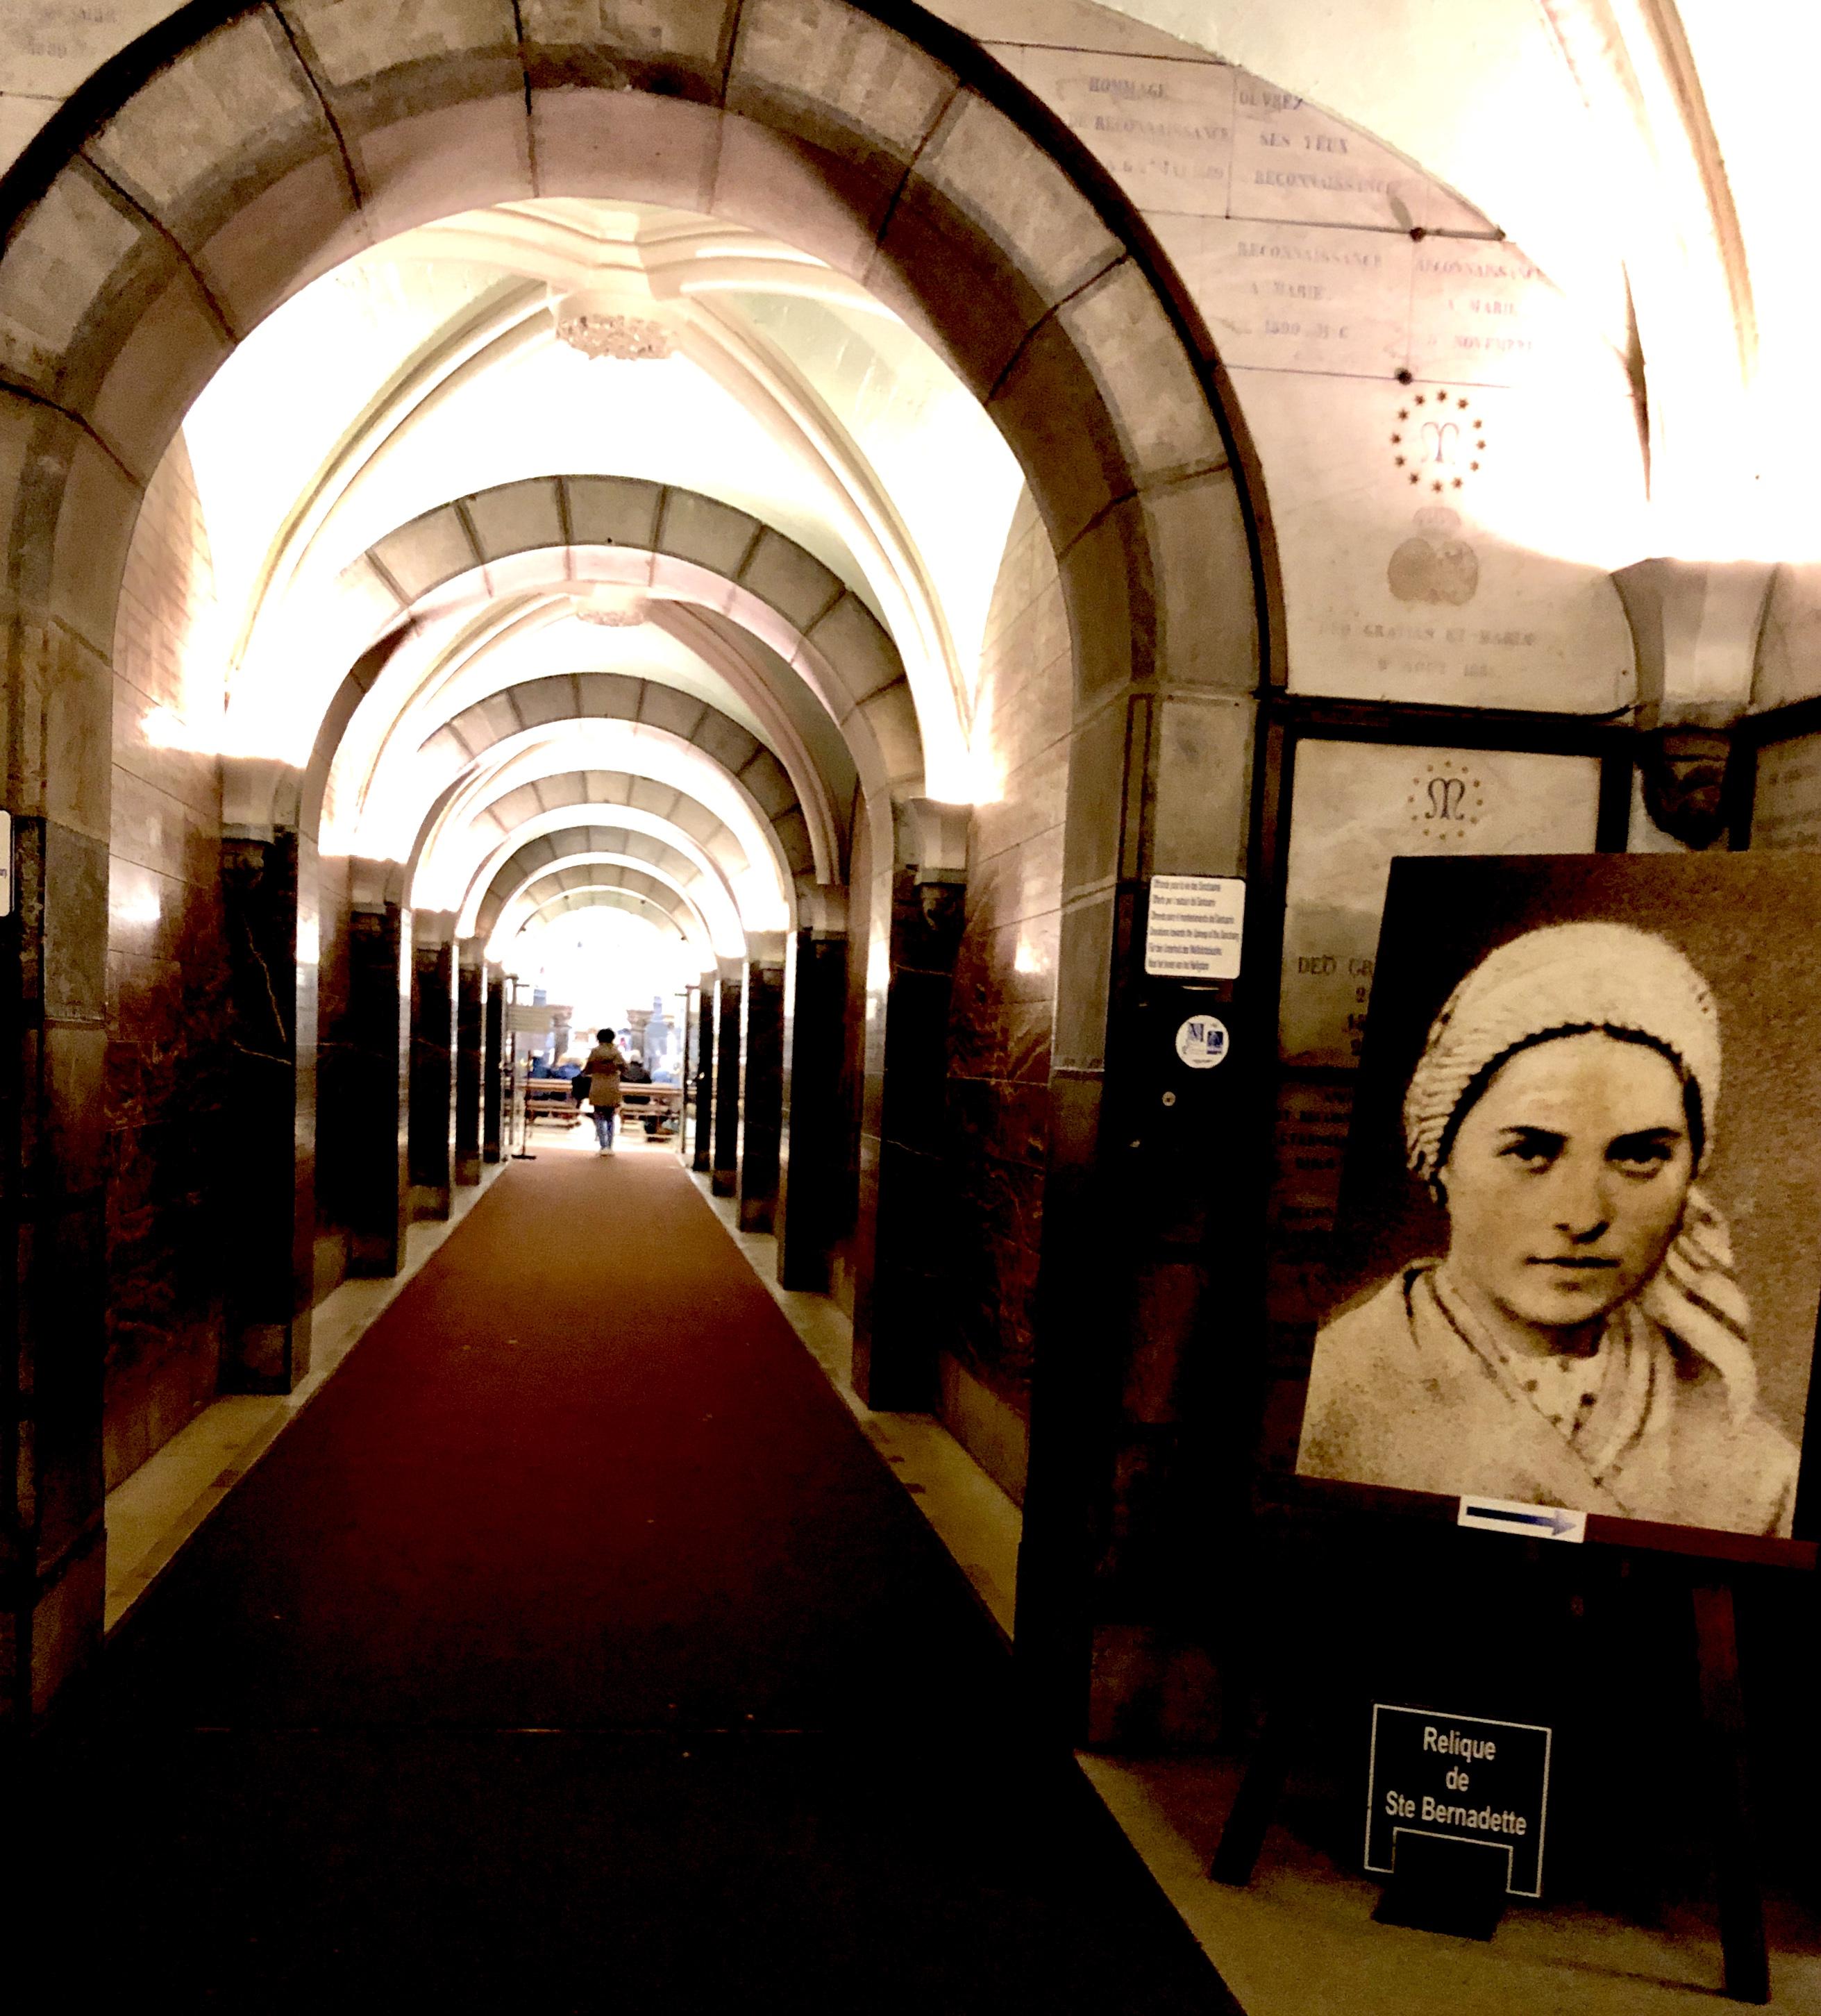 Bernadette, der 1858 die Jungfrau Maria in Lourdes erschien, lebte im Kloster St. Gildard in Nevers. Ihre Aufzeichnungen sind wegweisend für die Menschen...